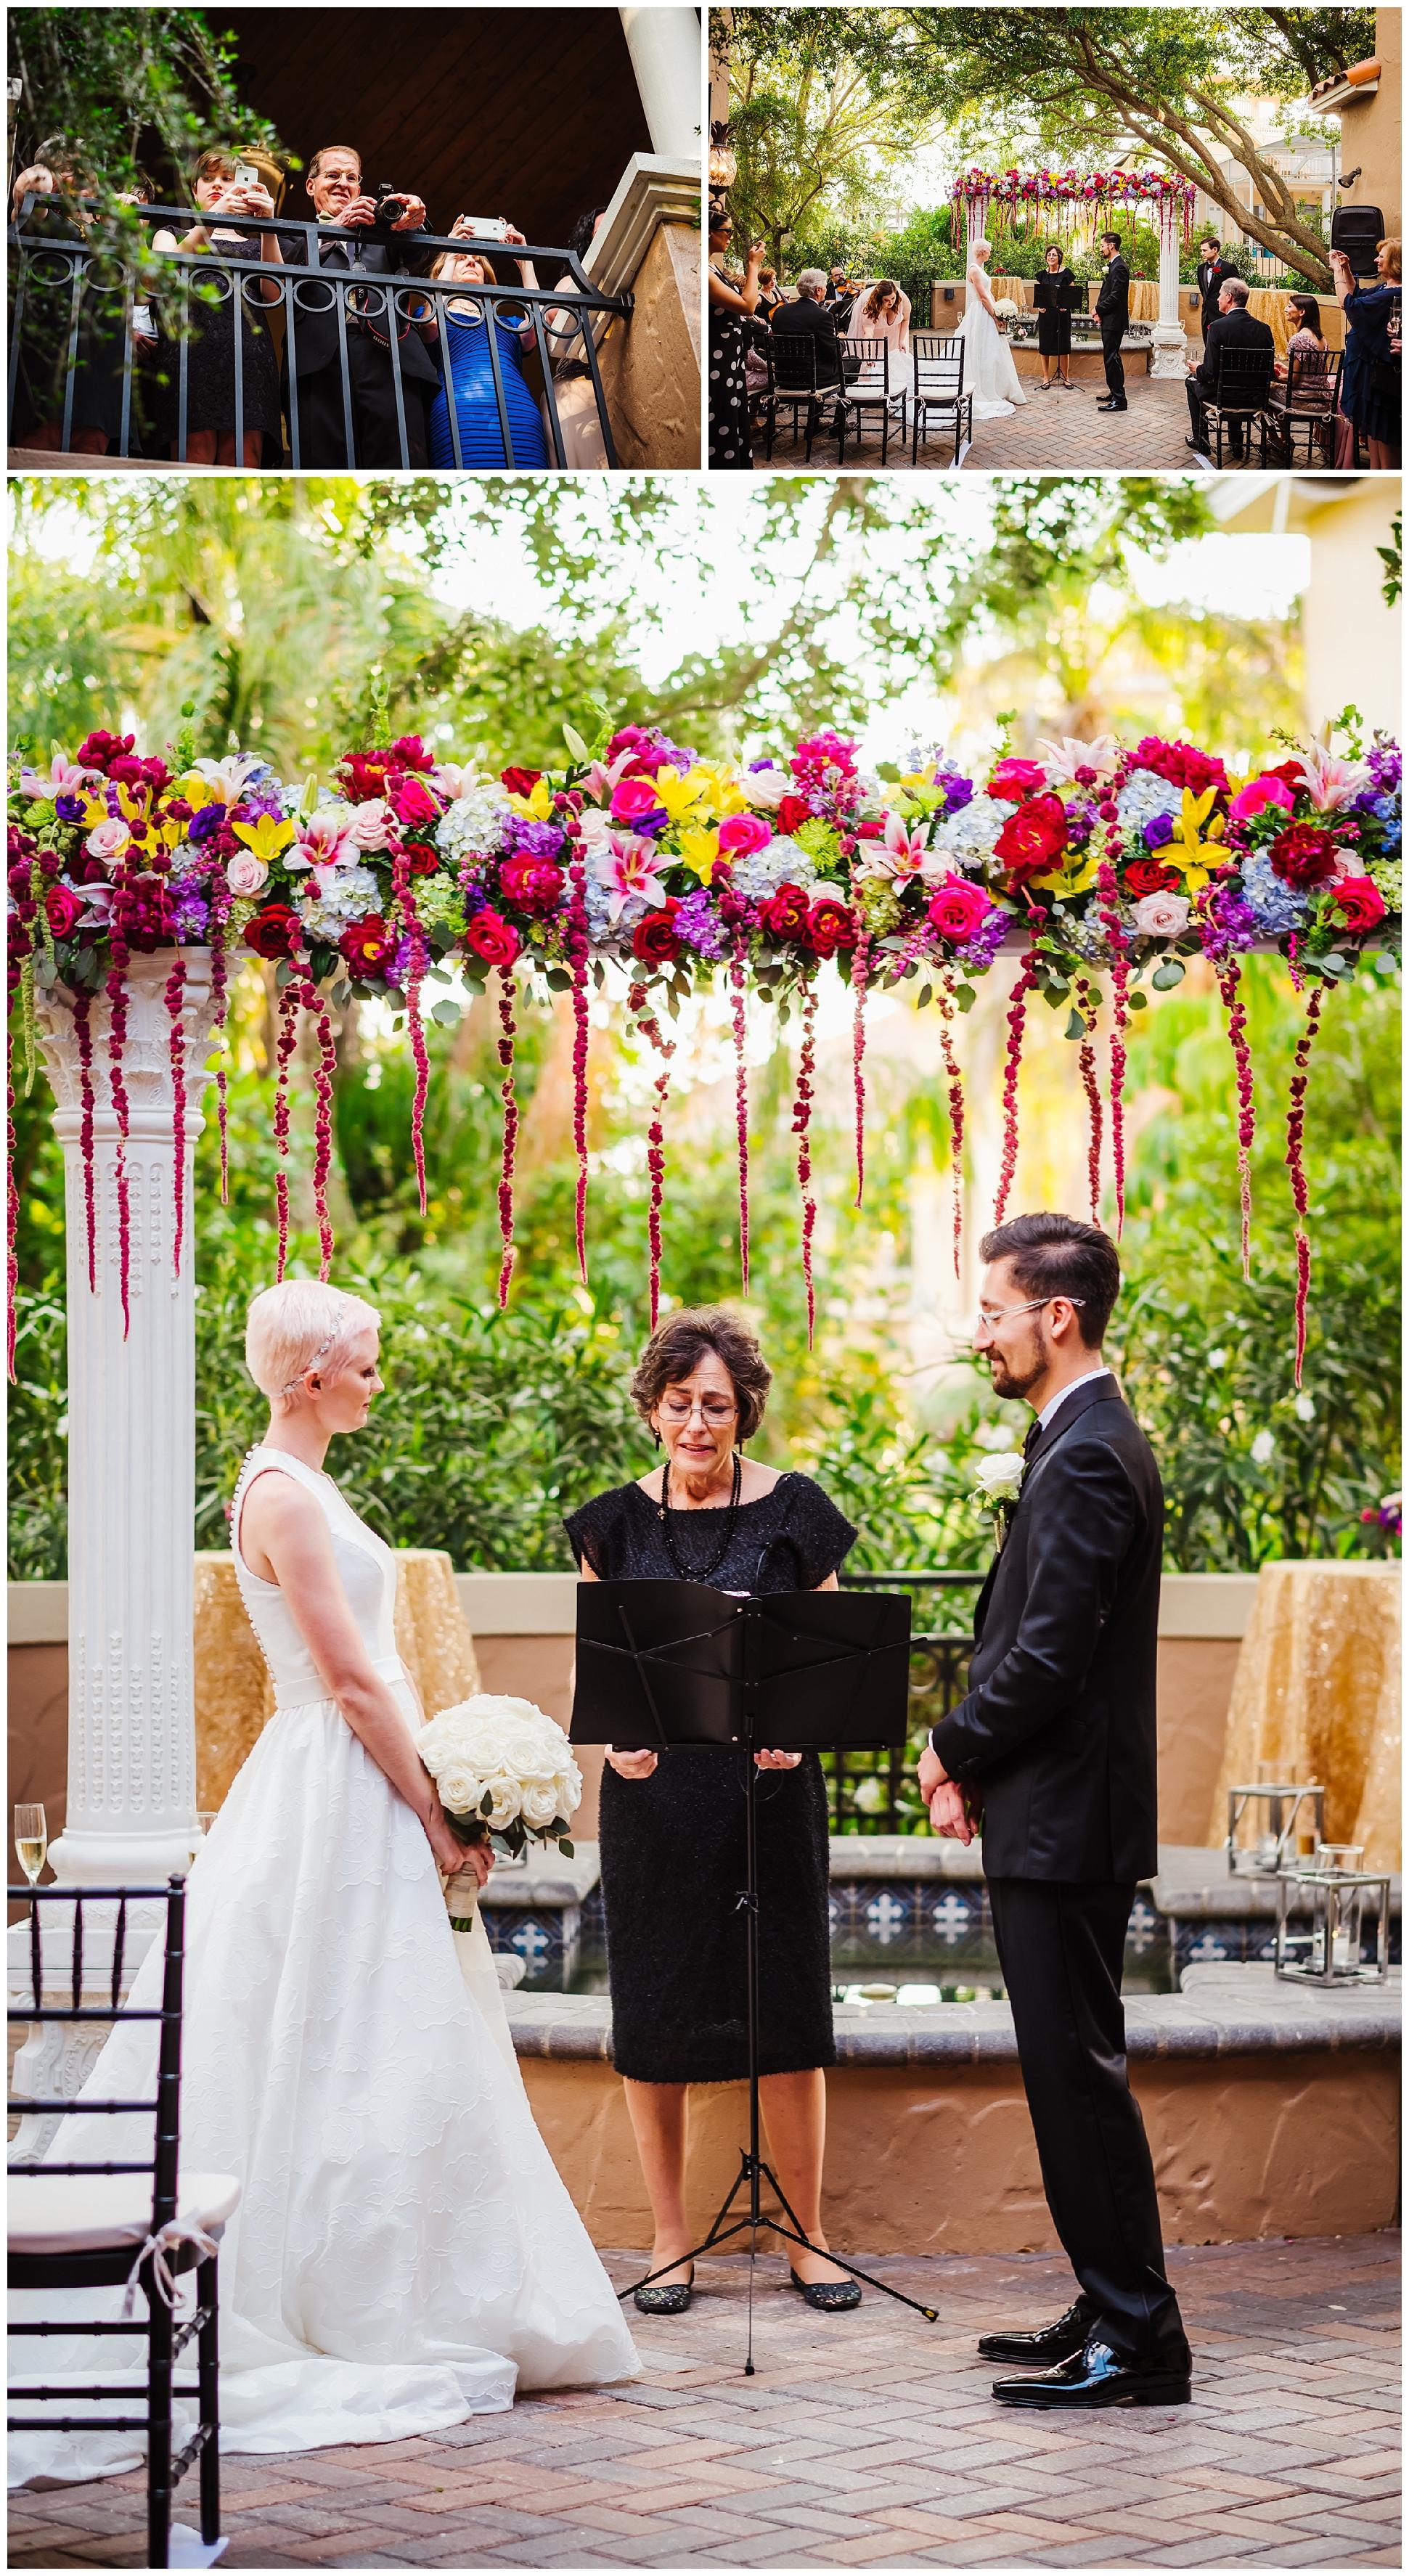 tierra-verde-st-pete-florida-home-luxury-wedding-greenery-pink-pixie-bride_0057.jpg